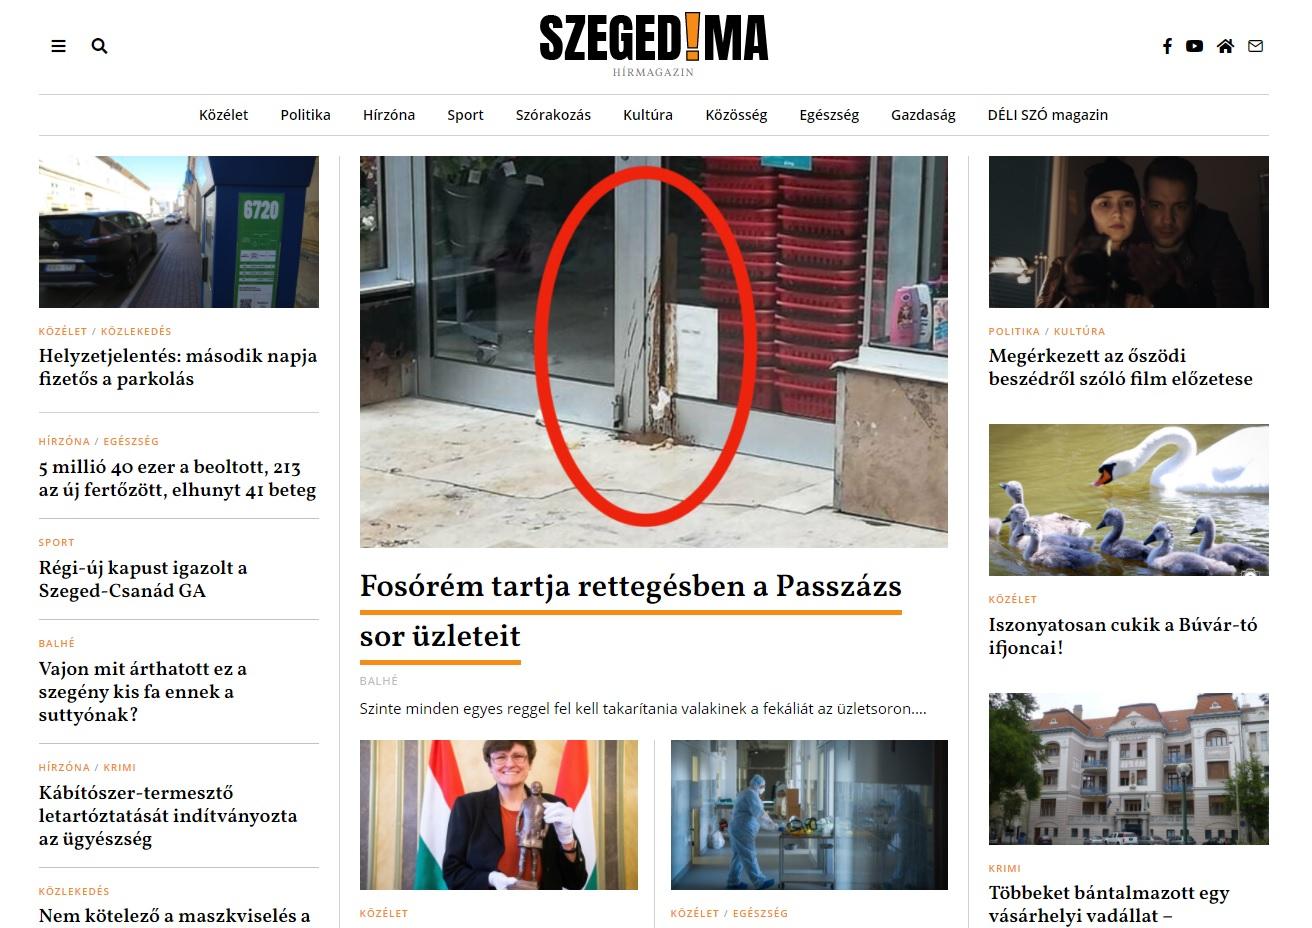 SzegedMa: Mankós fosórém szarja össze a szegedi Passzázs sor üzleteit